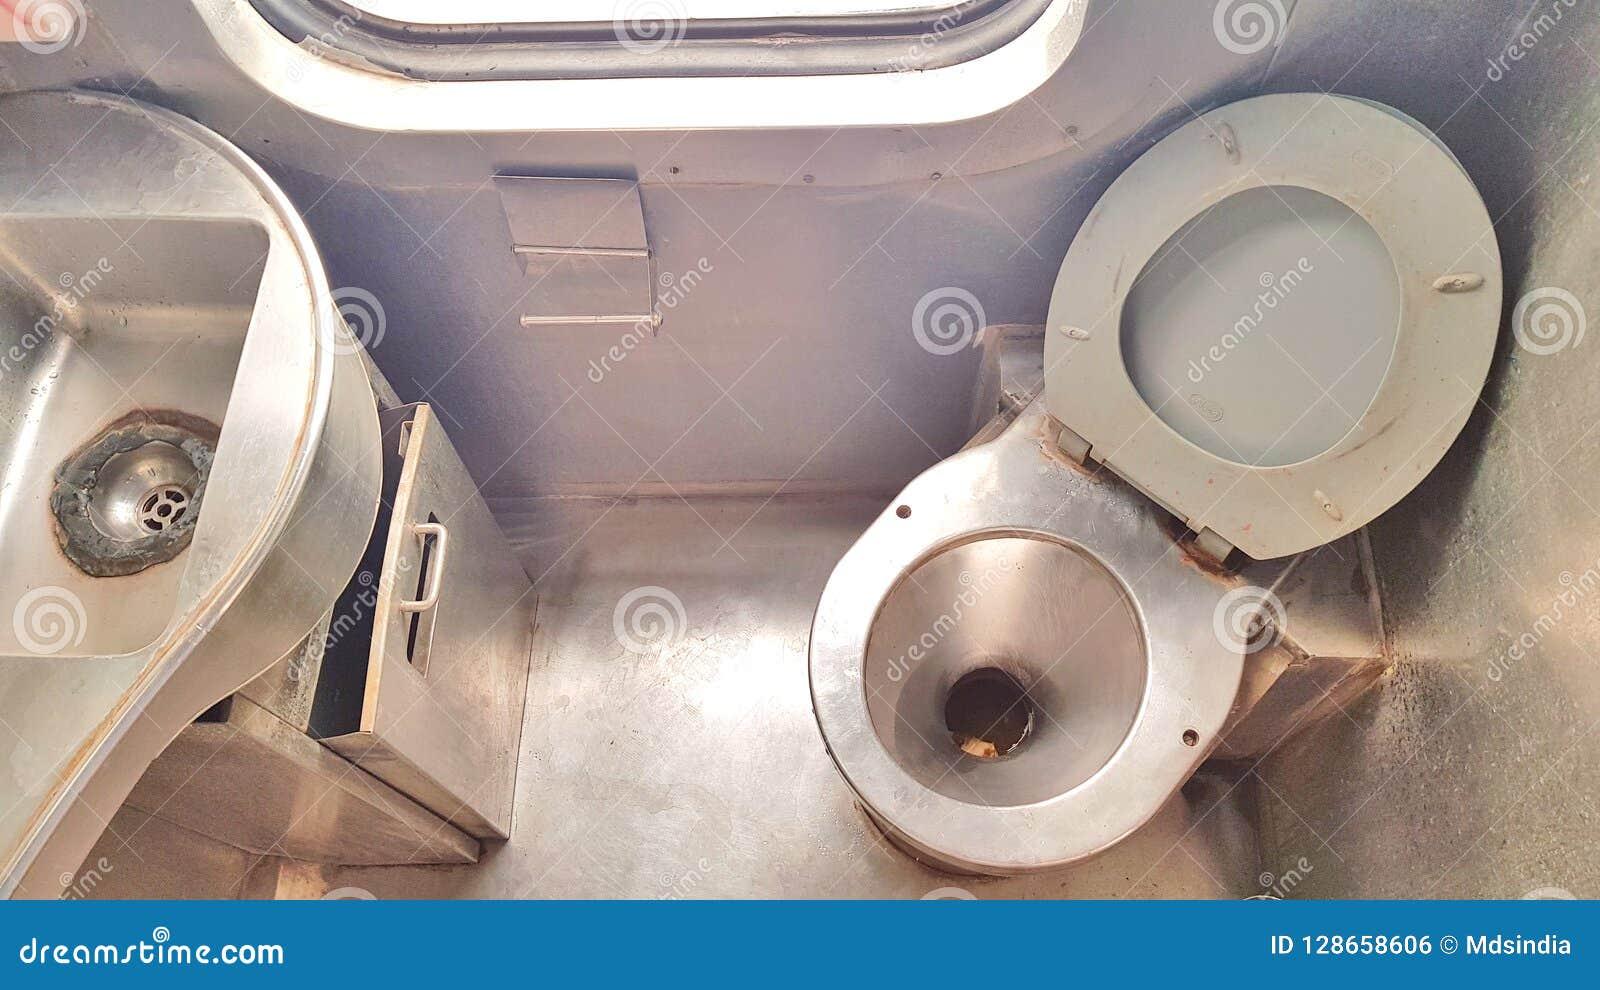 Toilette eines Zugs